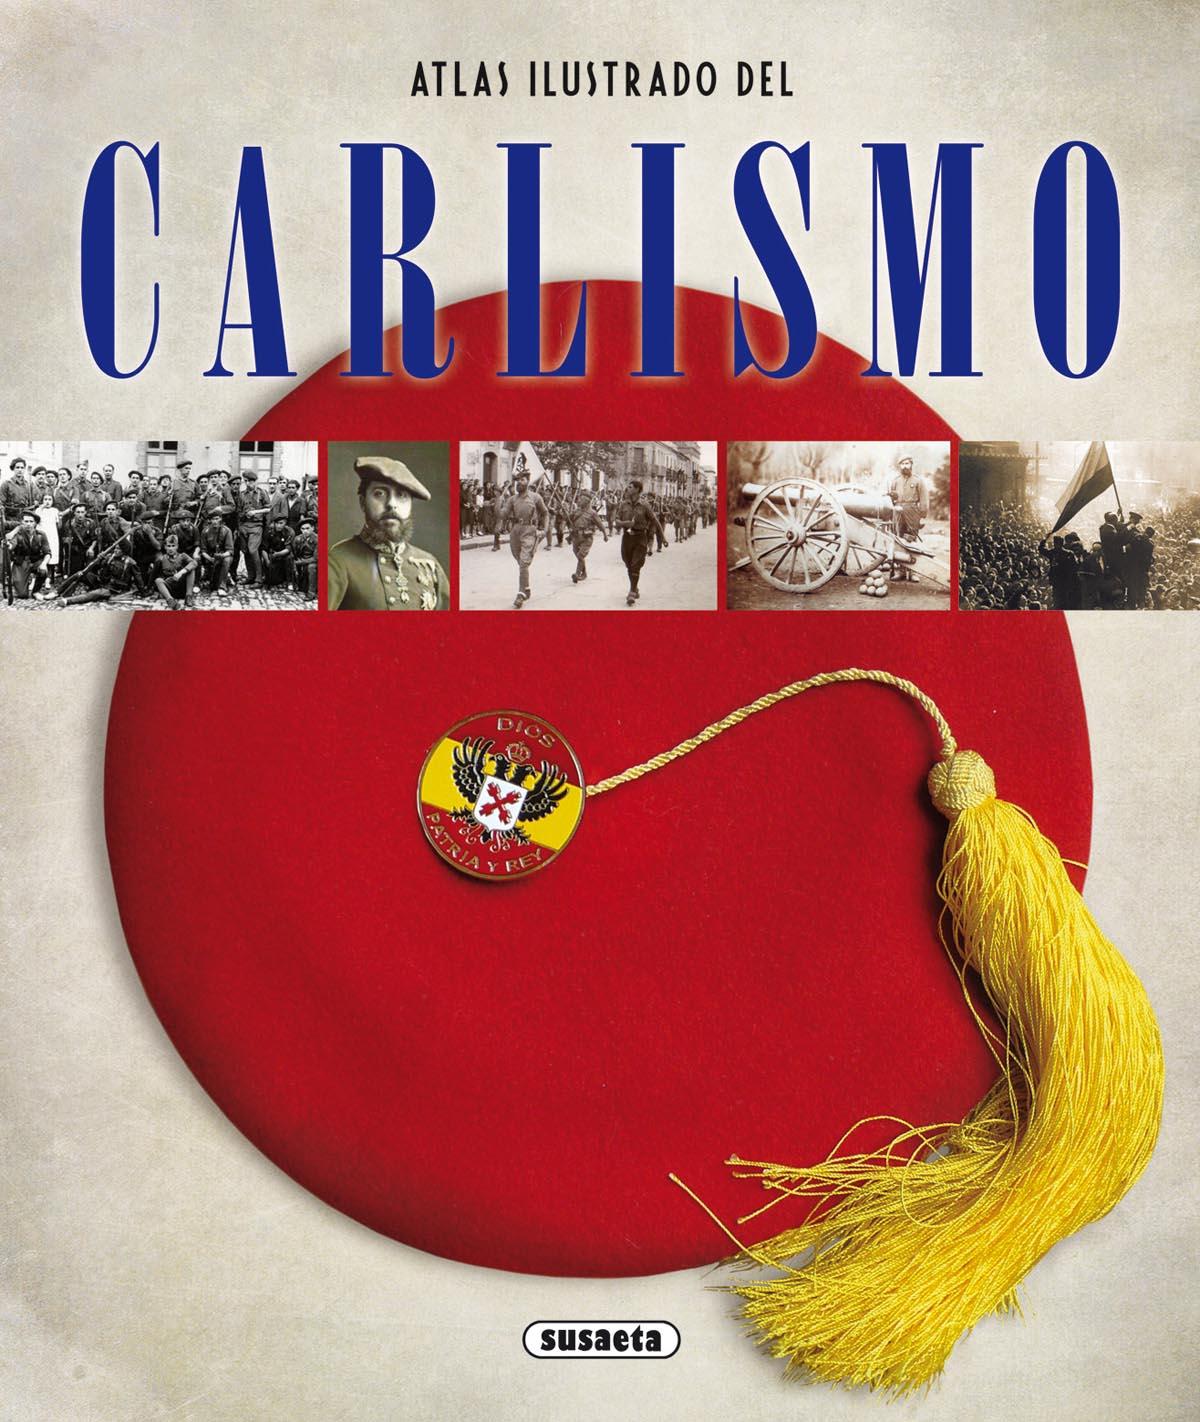 CUB EL CARLISMO 35mm.indd